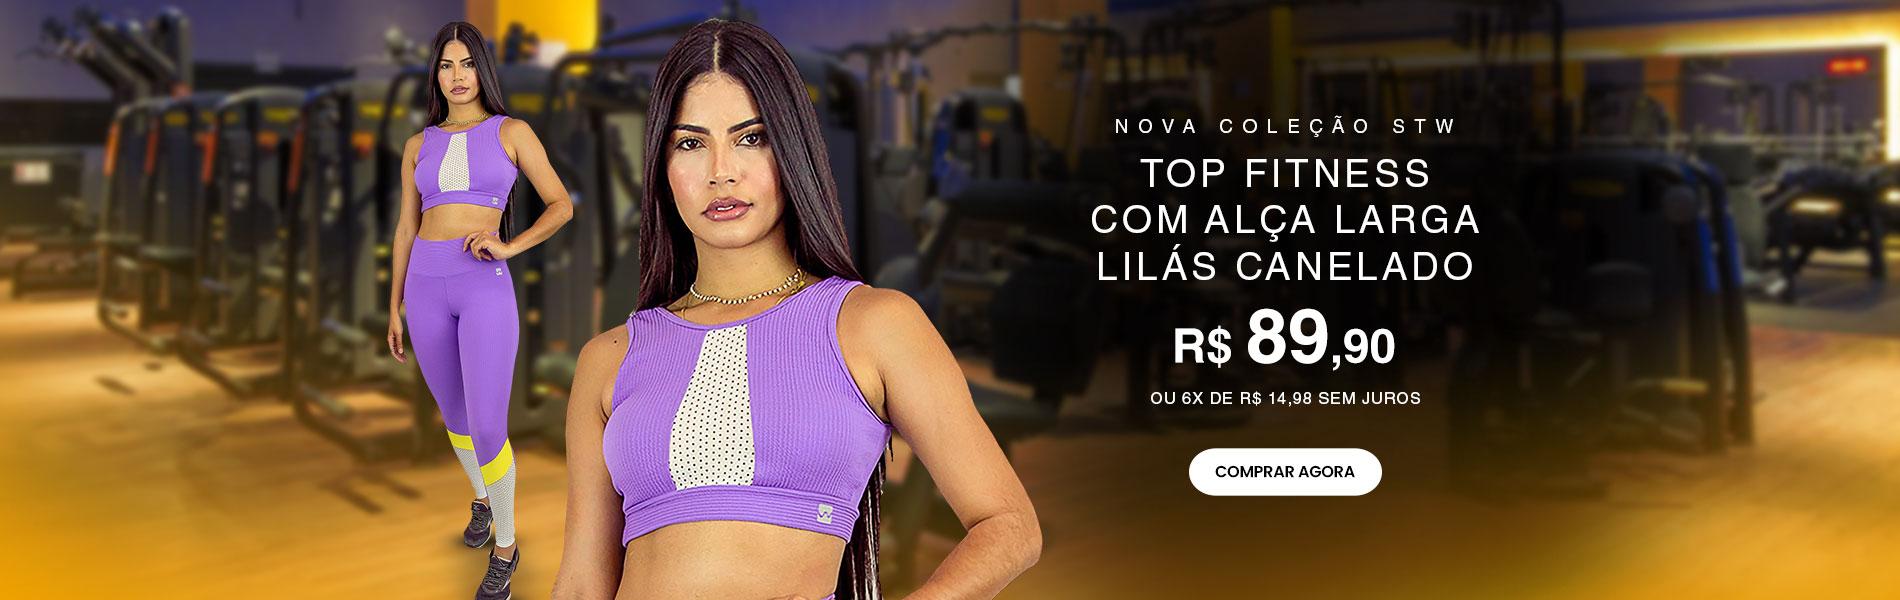 TOP FITNESS COM ALÇA LARGA LILAS CANELADO  DESTAQUE LANÇAMENTO